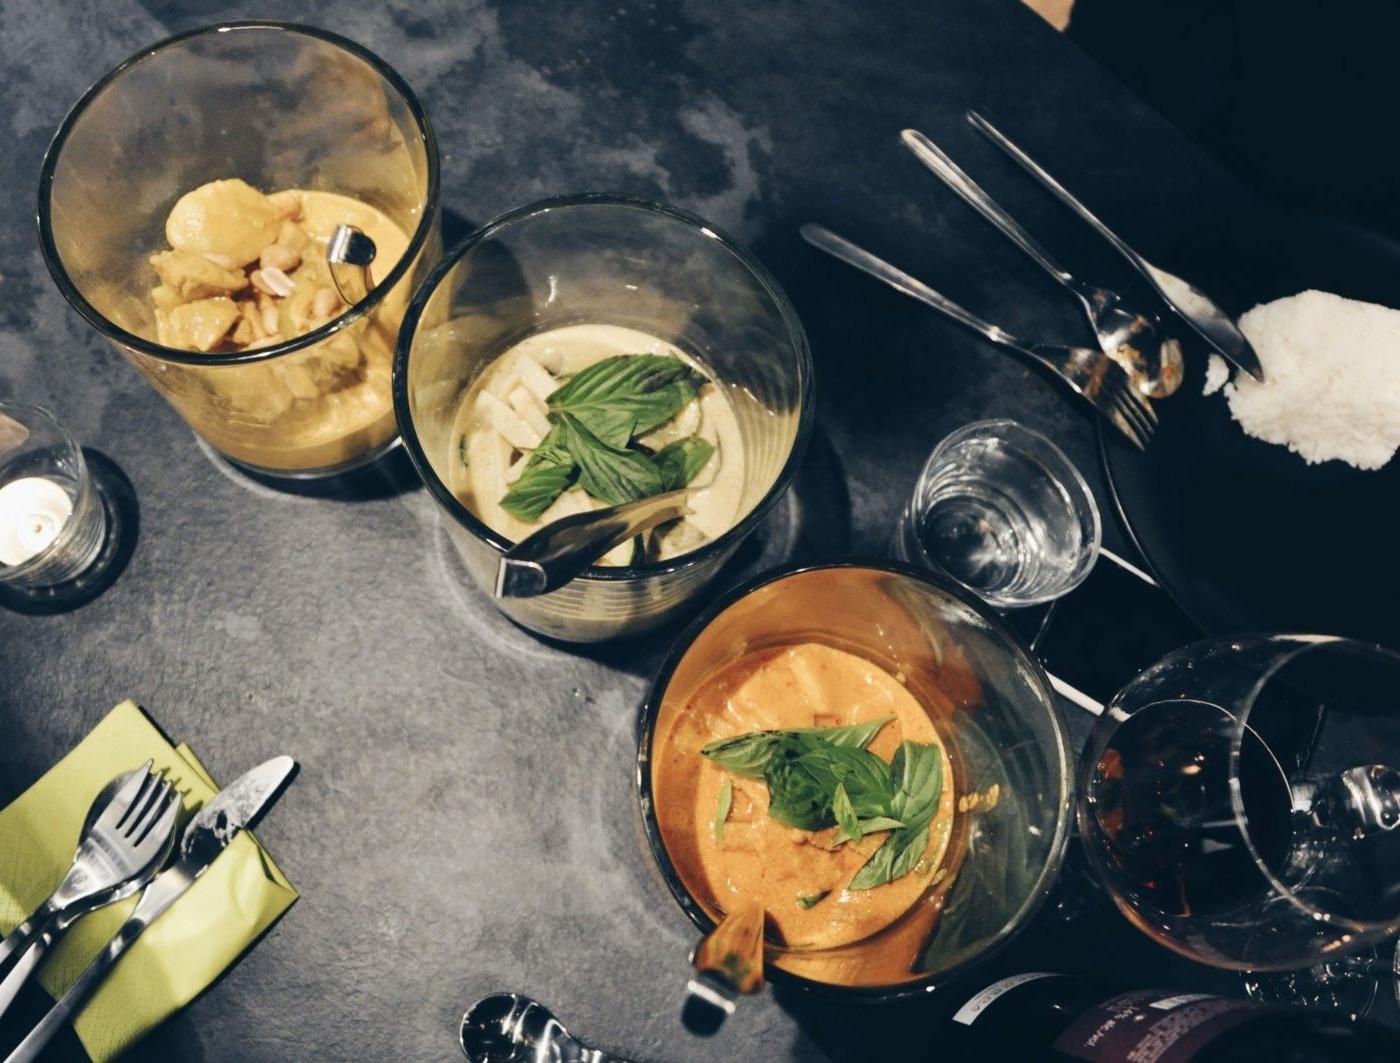 zuerich-essen-thailaendisch-kinkhao-curry-restaurant